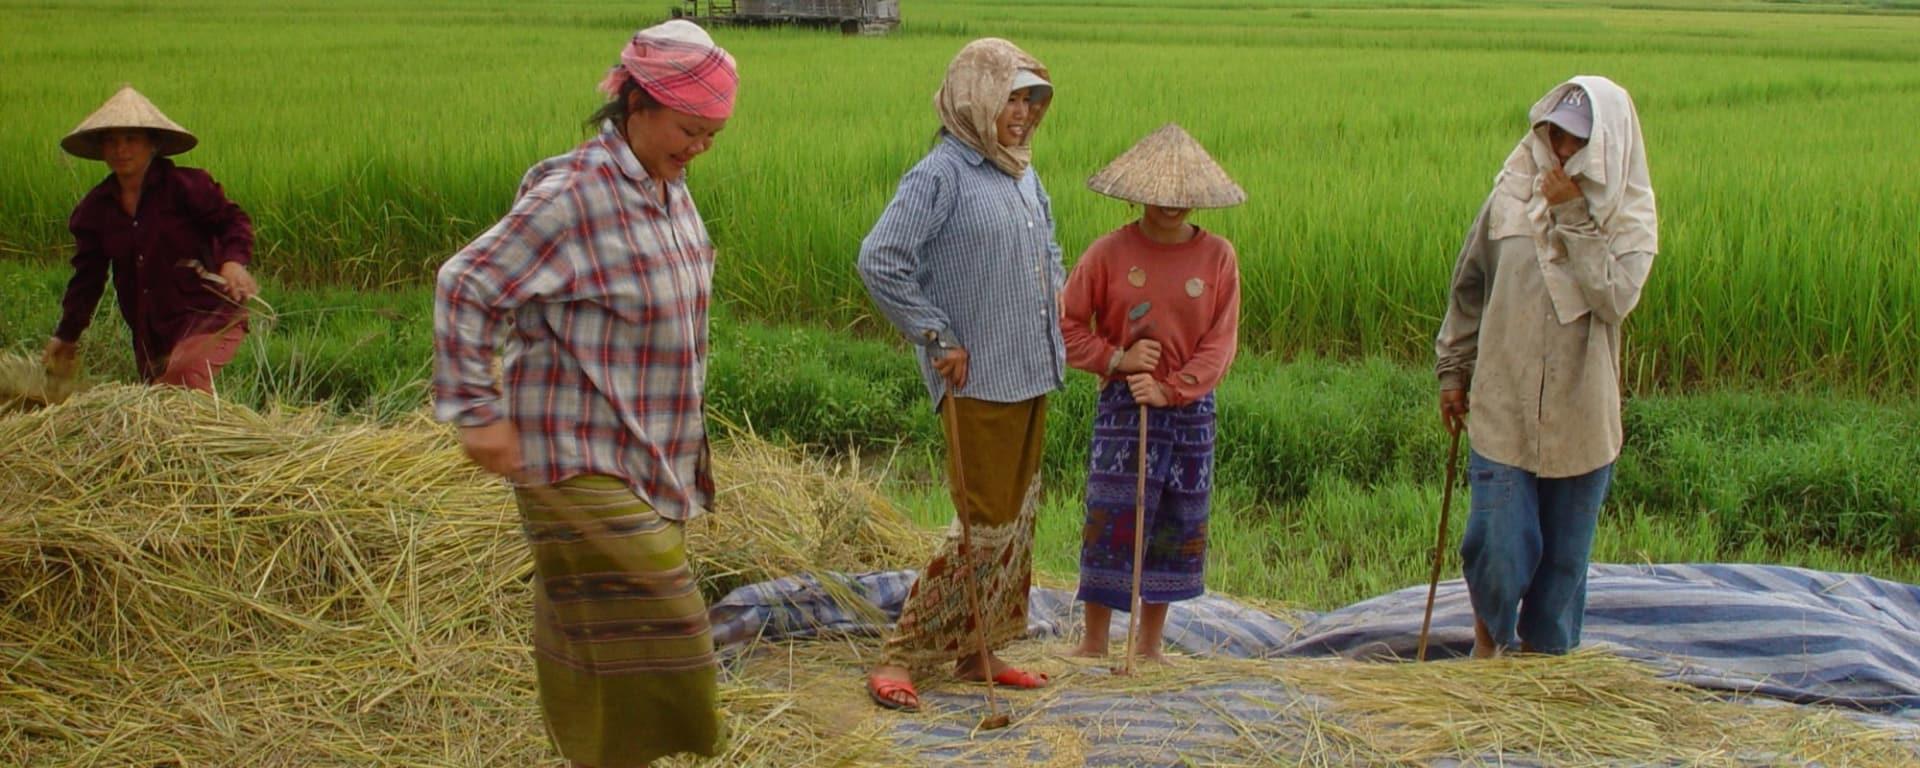 Le riz, source de vie! à Luang Prabang: Laos working in the paddies 001